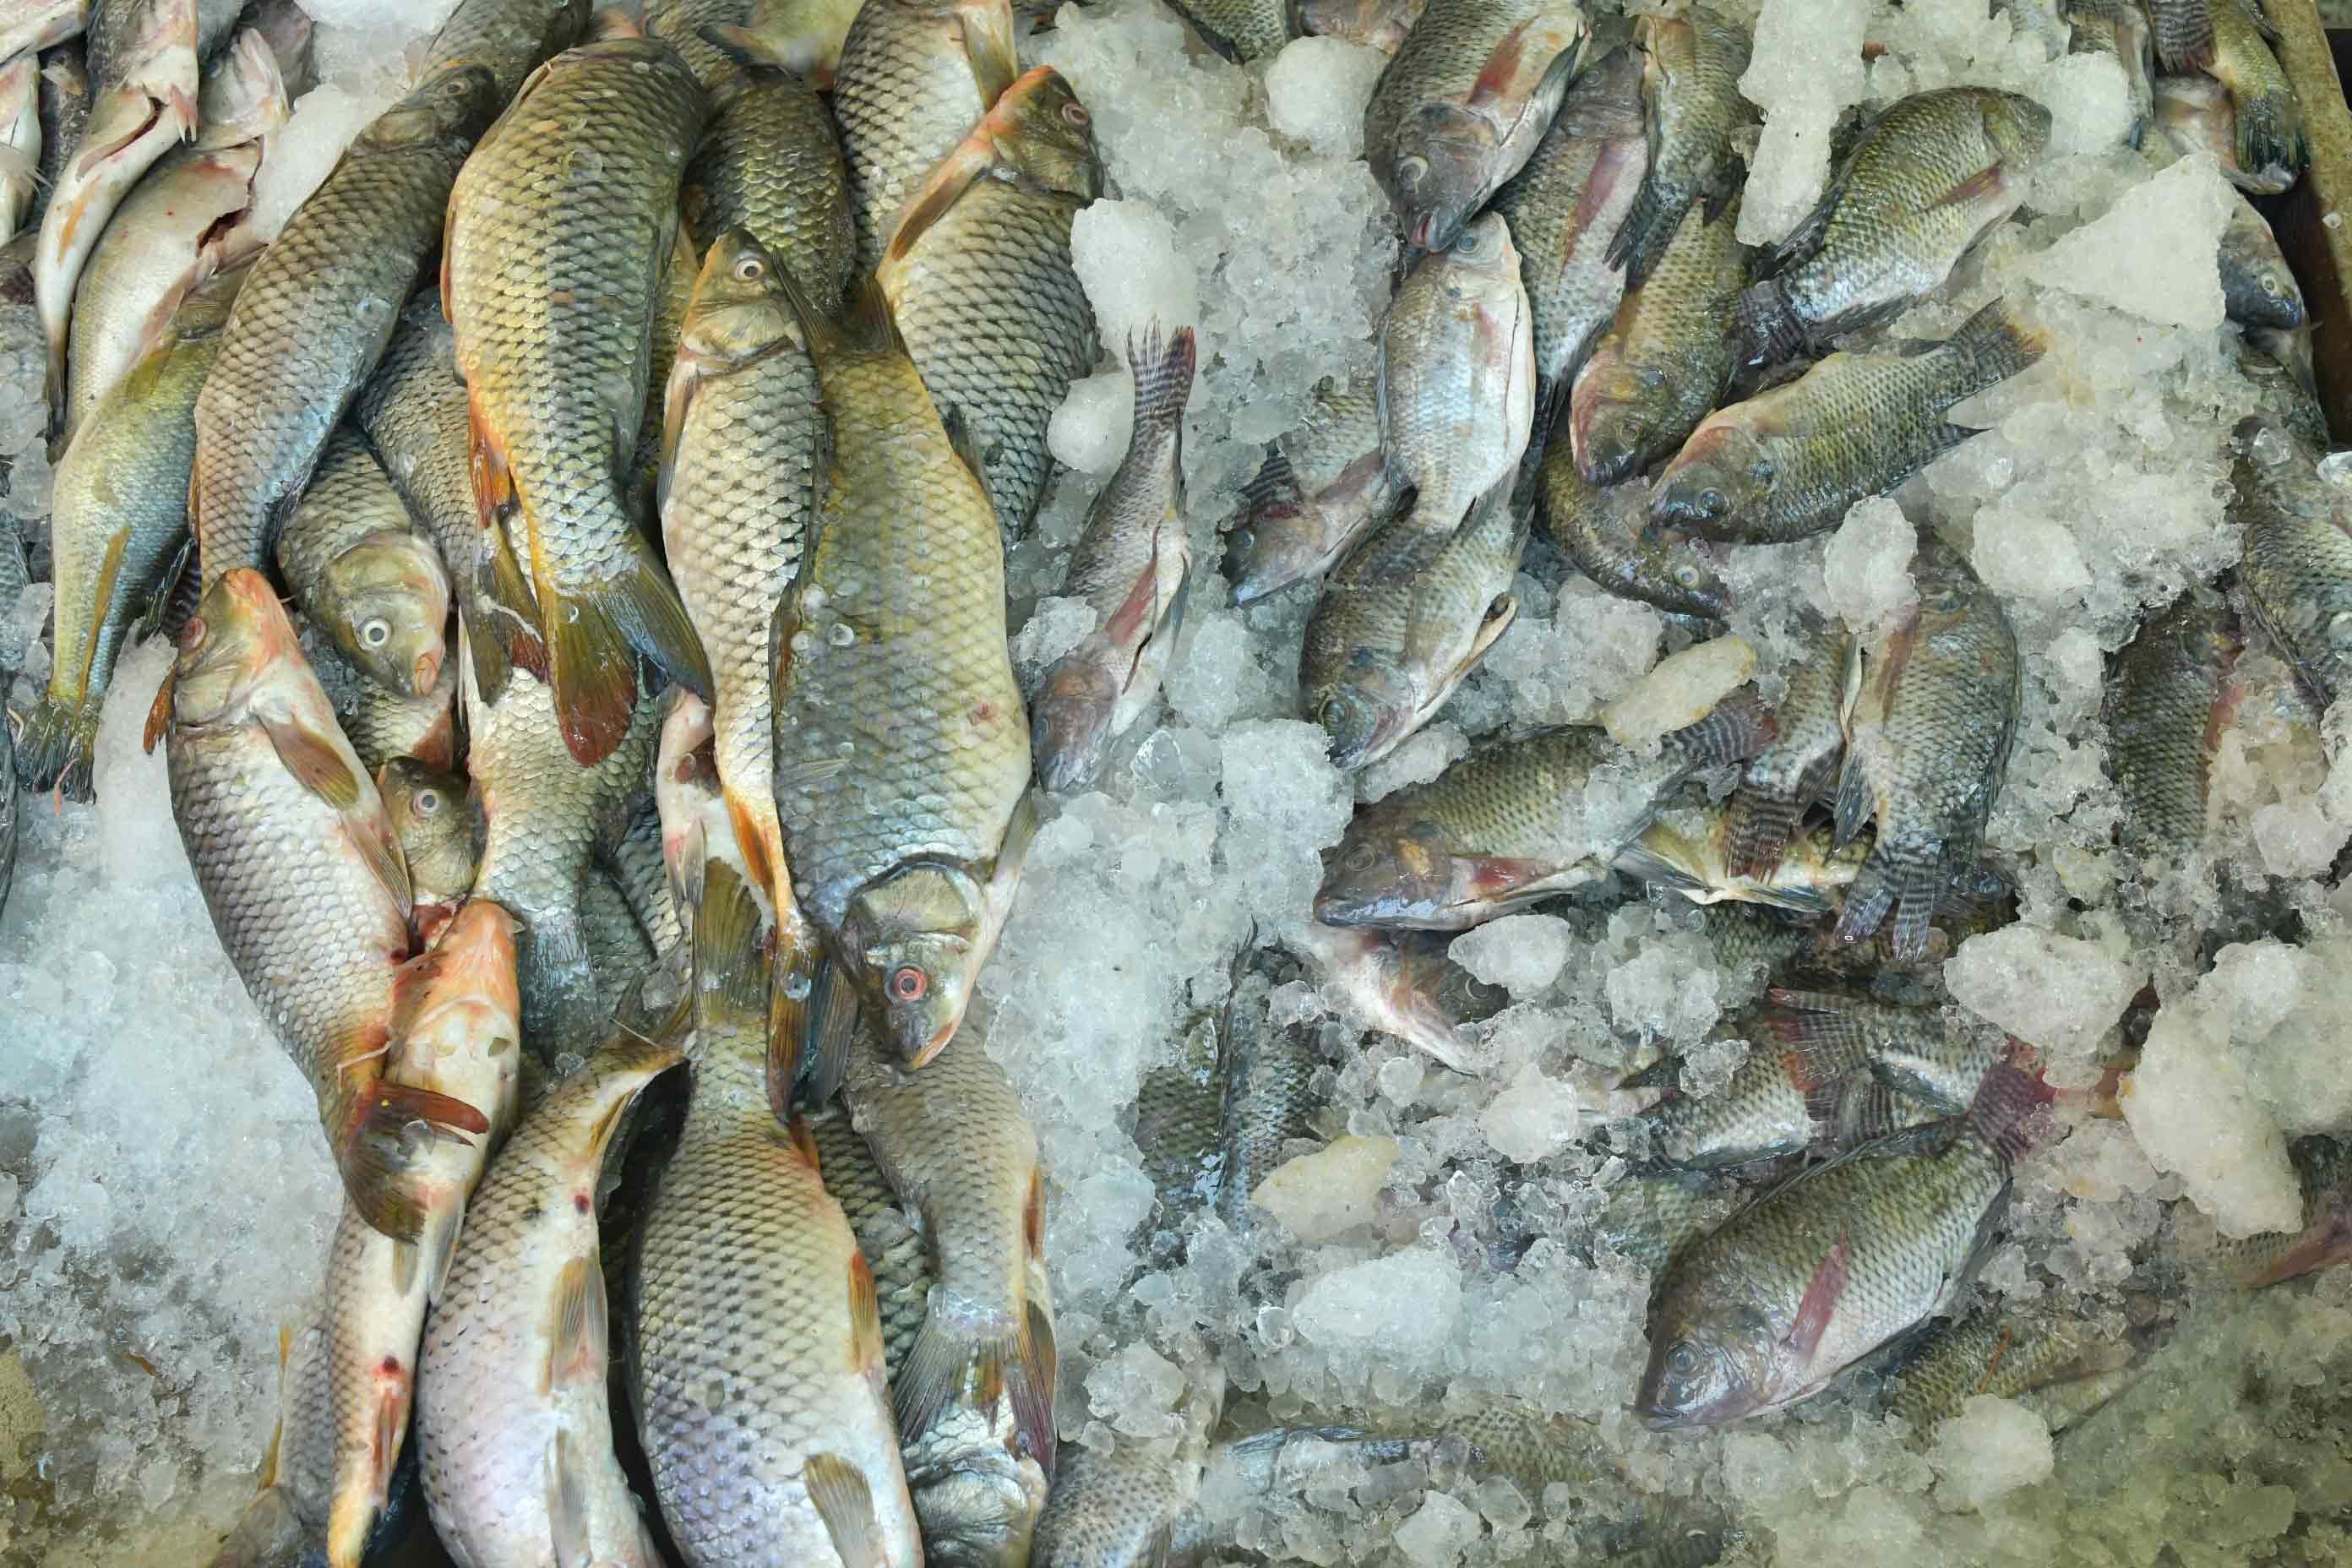 pescados-congelados